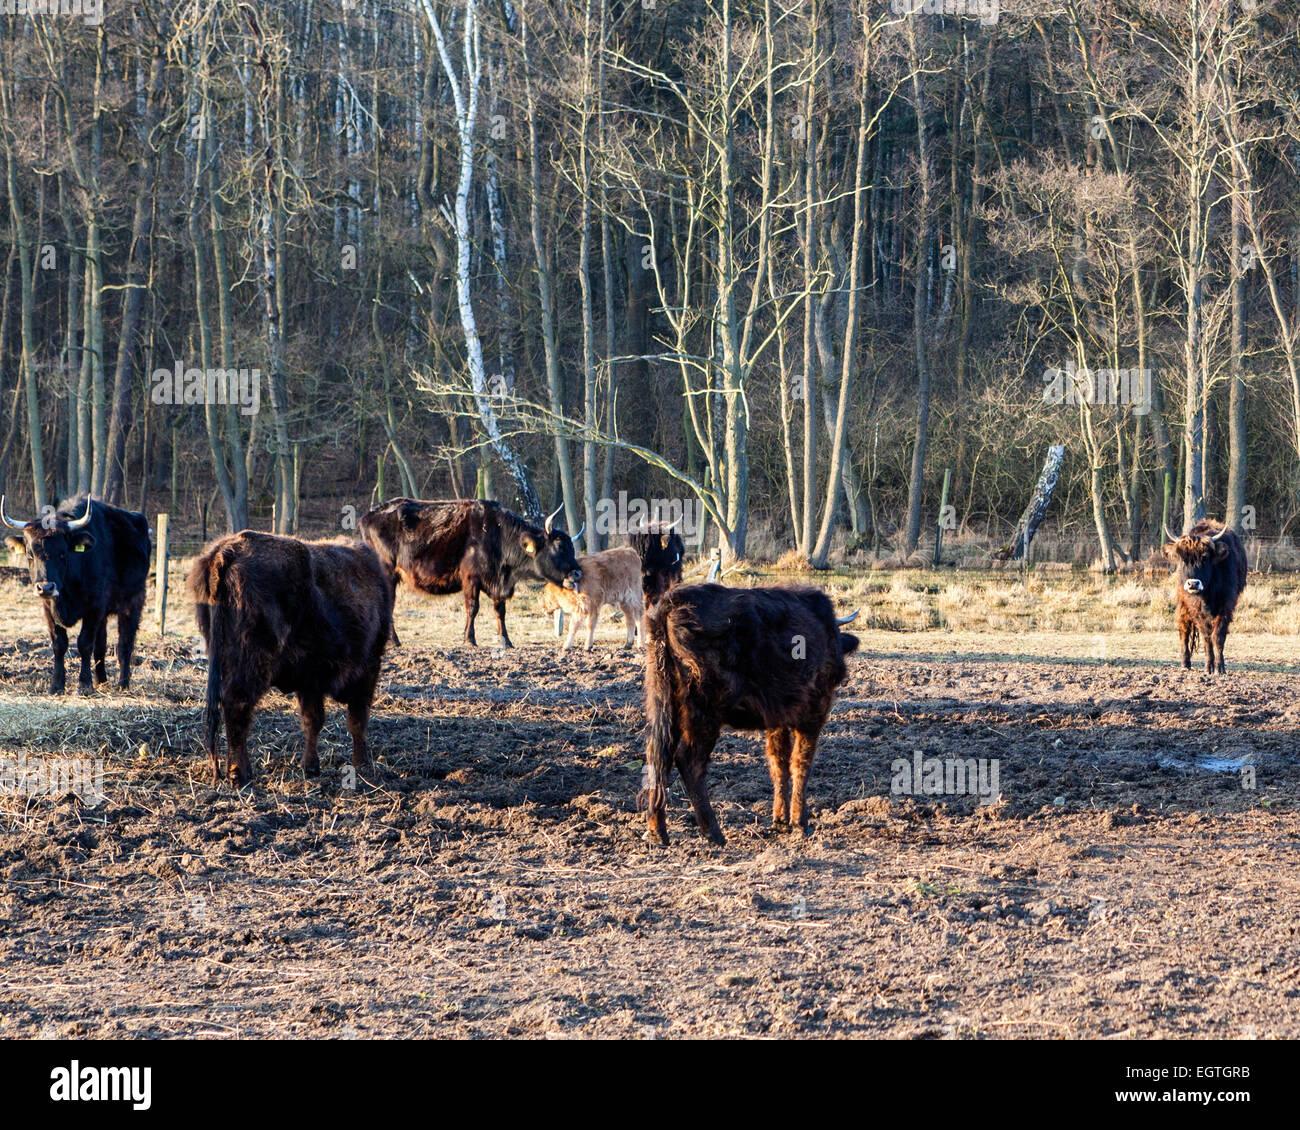 Germany, Schorfheide Game Reserve, Wildpark Schorfheide, Wild park. Heck cattle, Heck Rind under threat of extinction - Stock Image